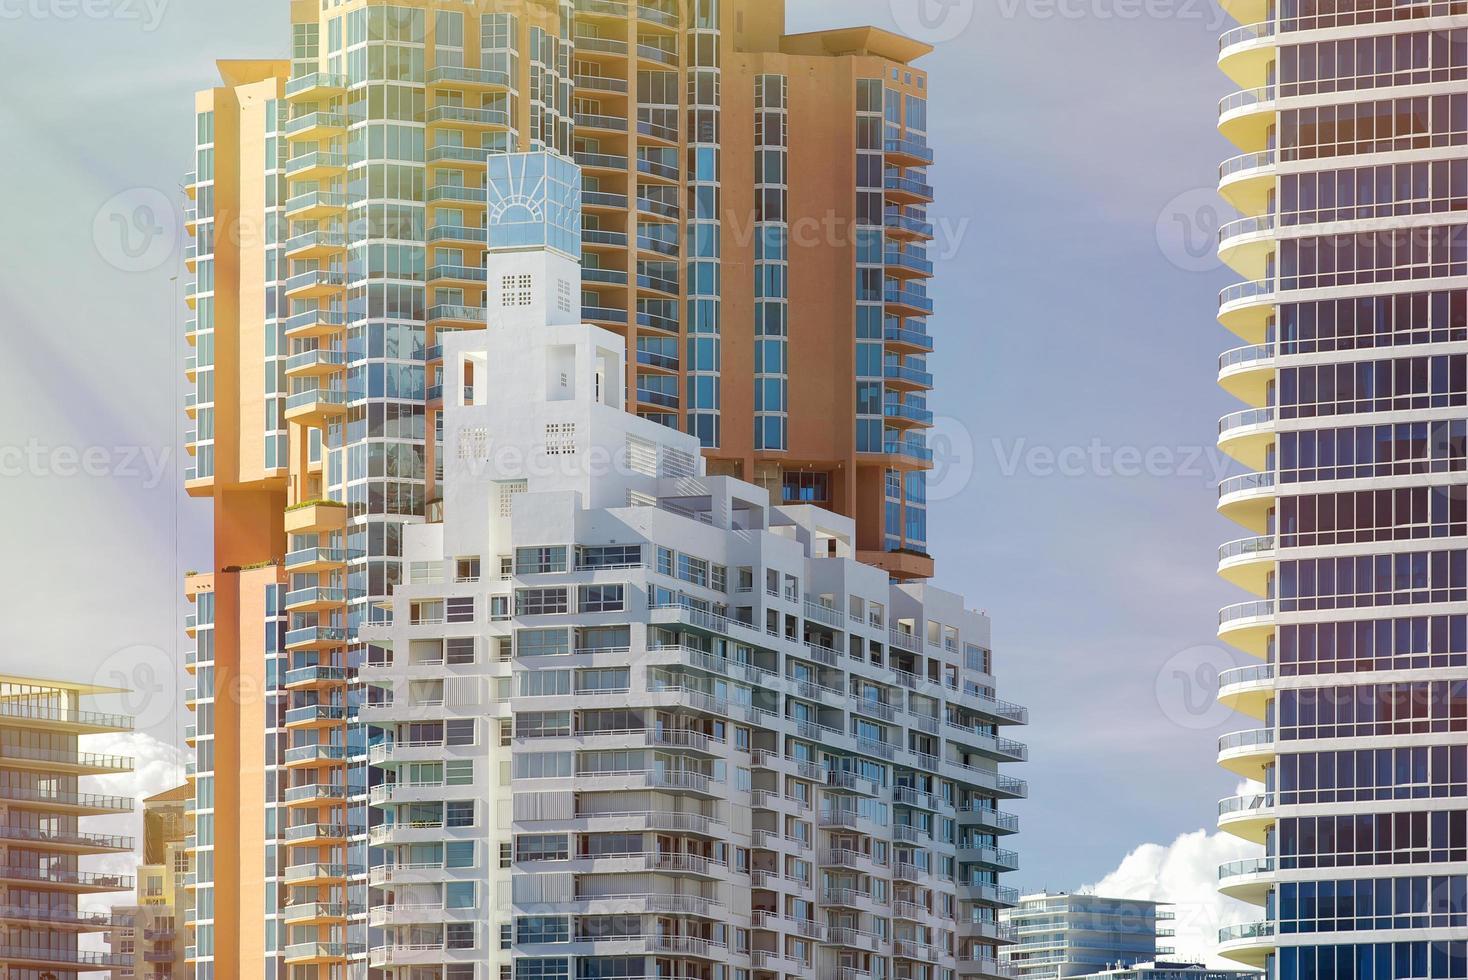 Miami South Beach Architektur foto